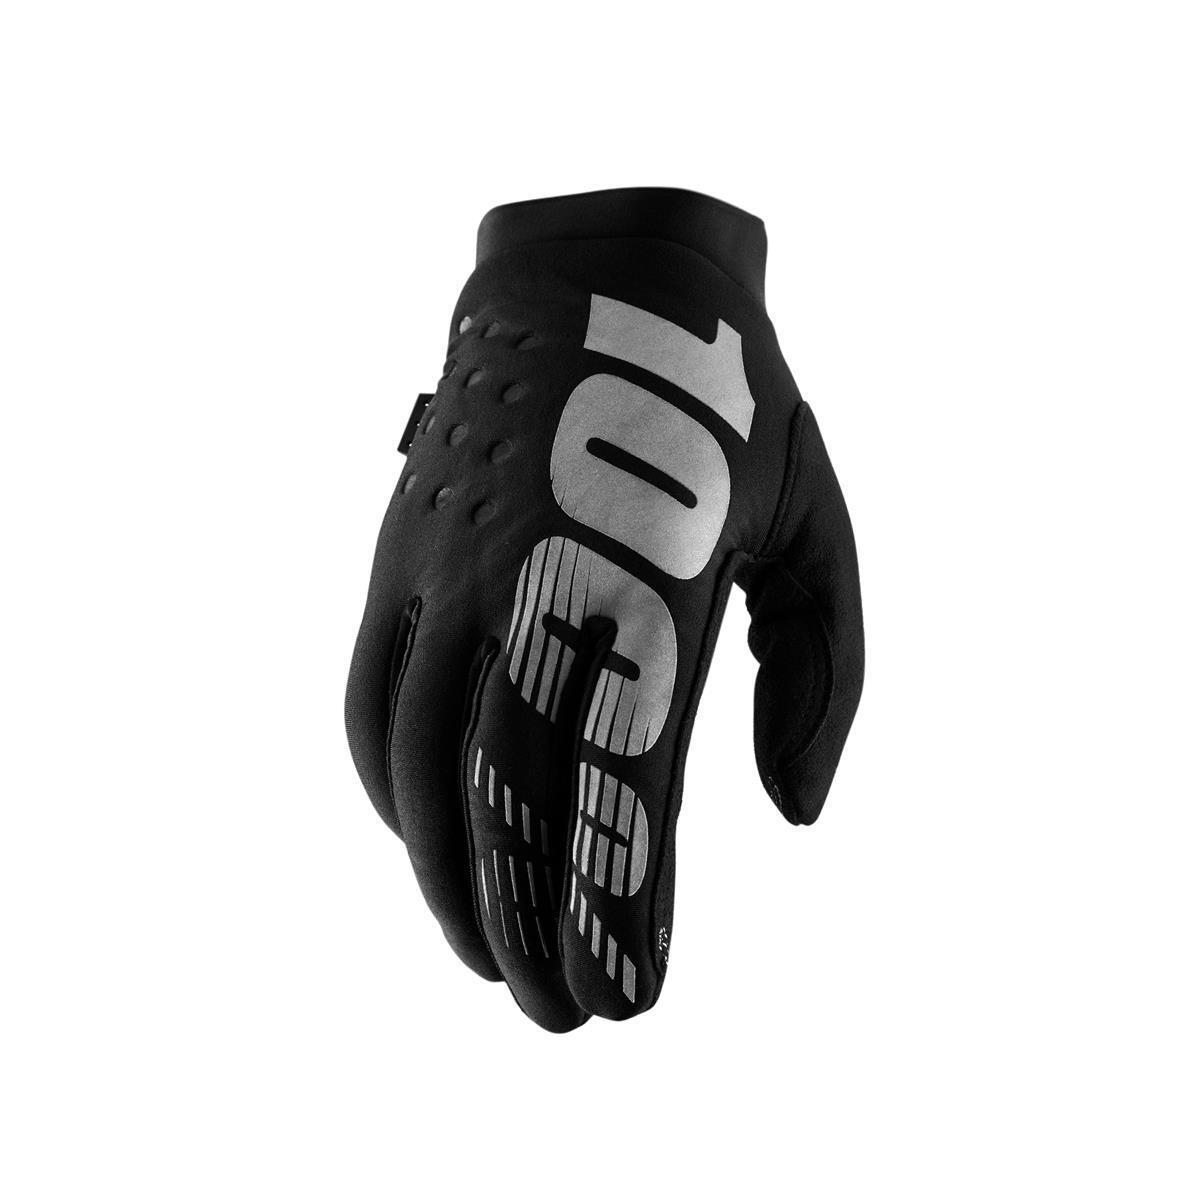 Guanti invernali brisker black 100% ciclismo